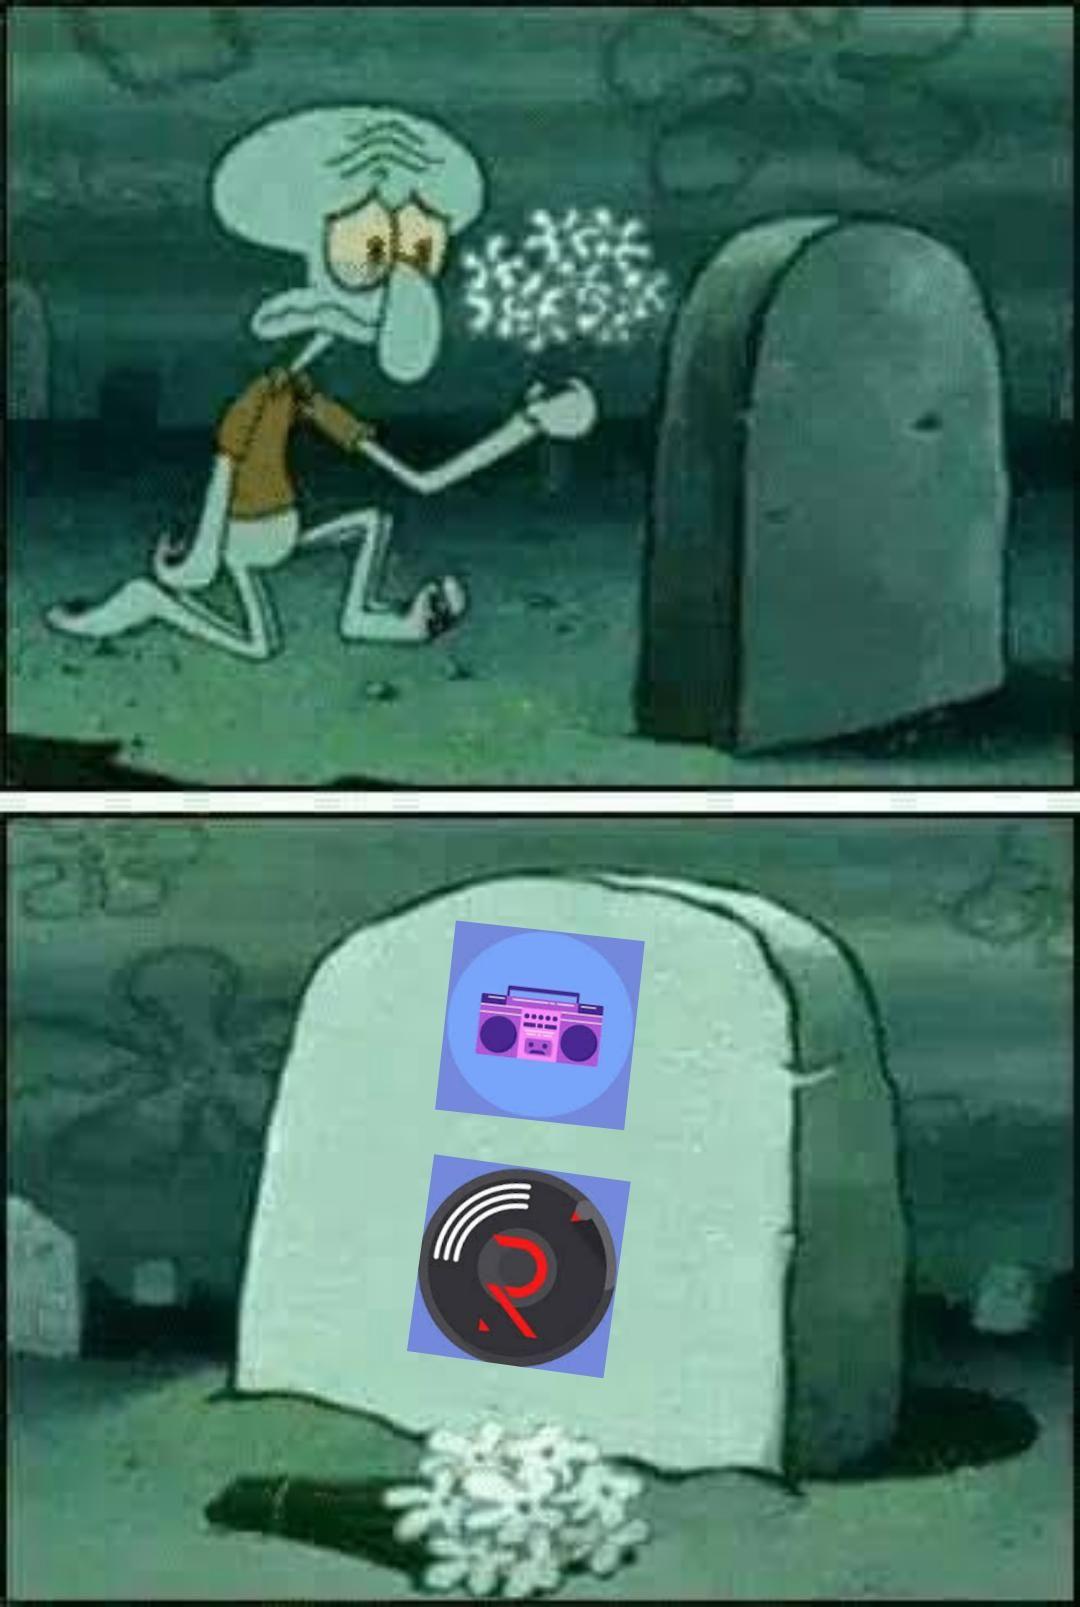 Discord community will miss u